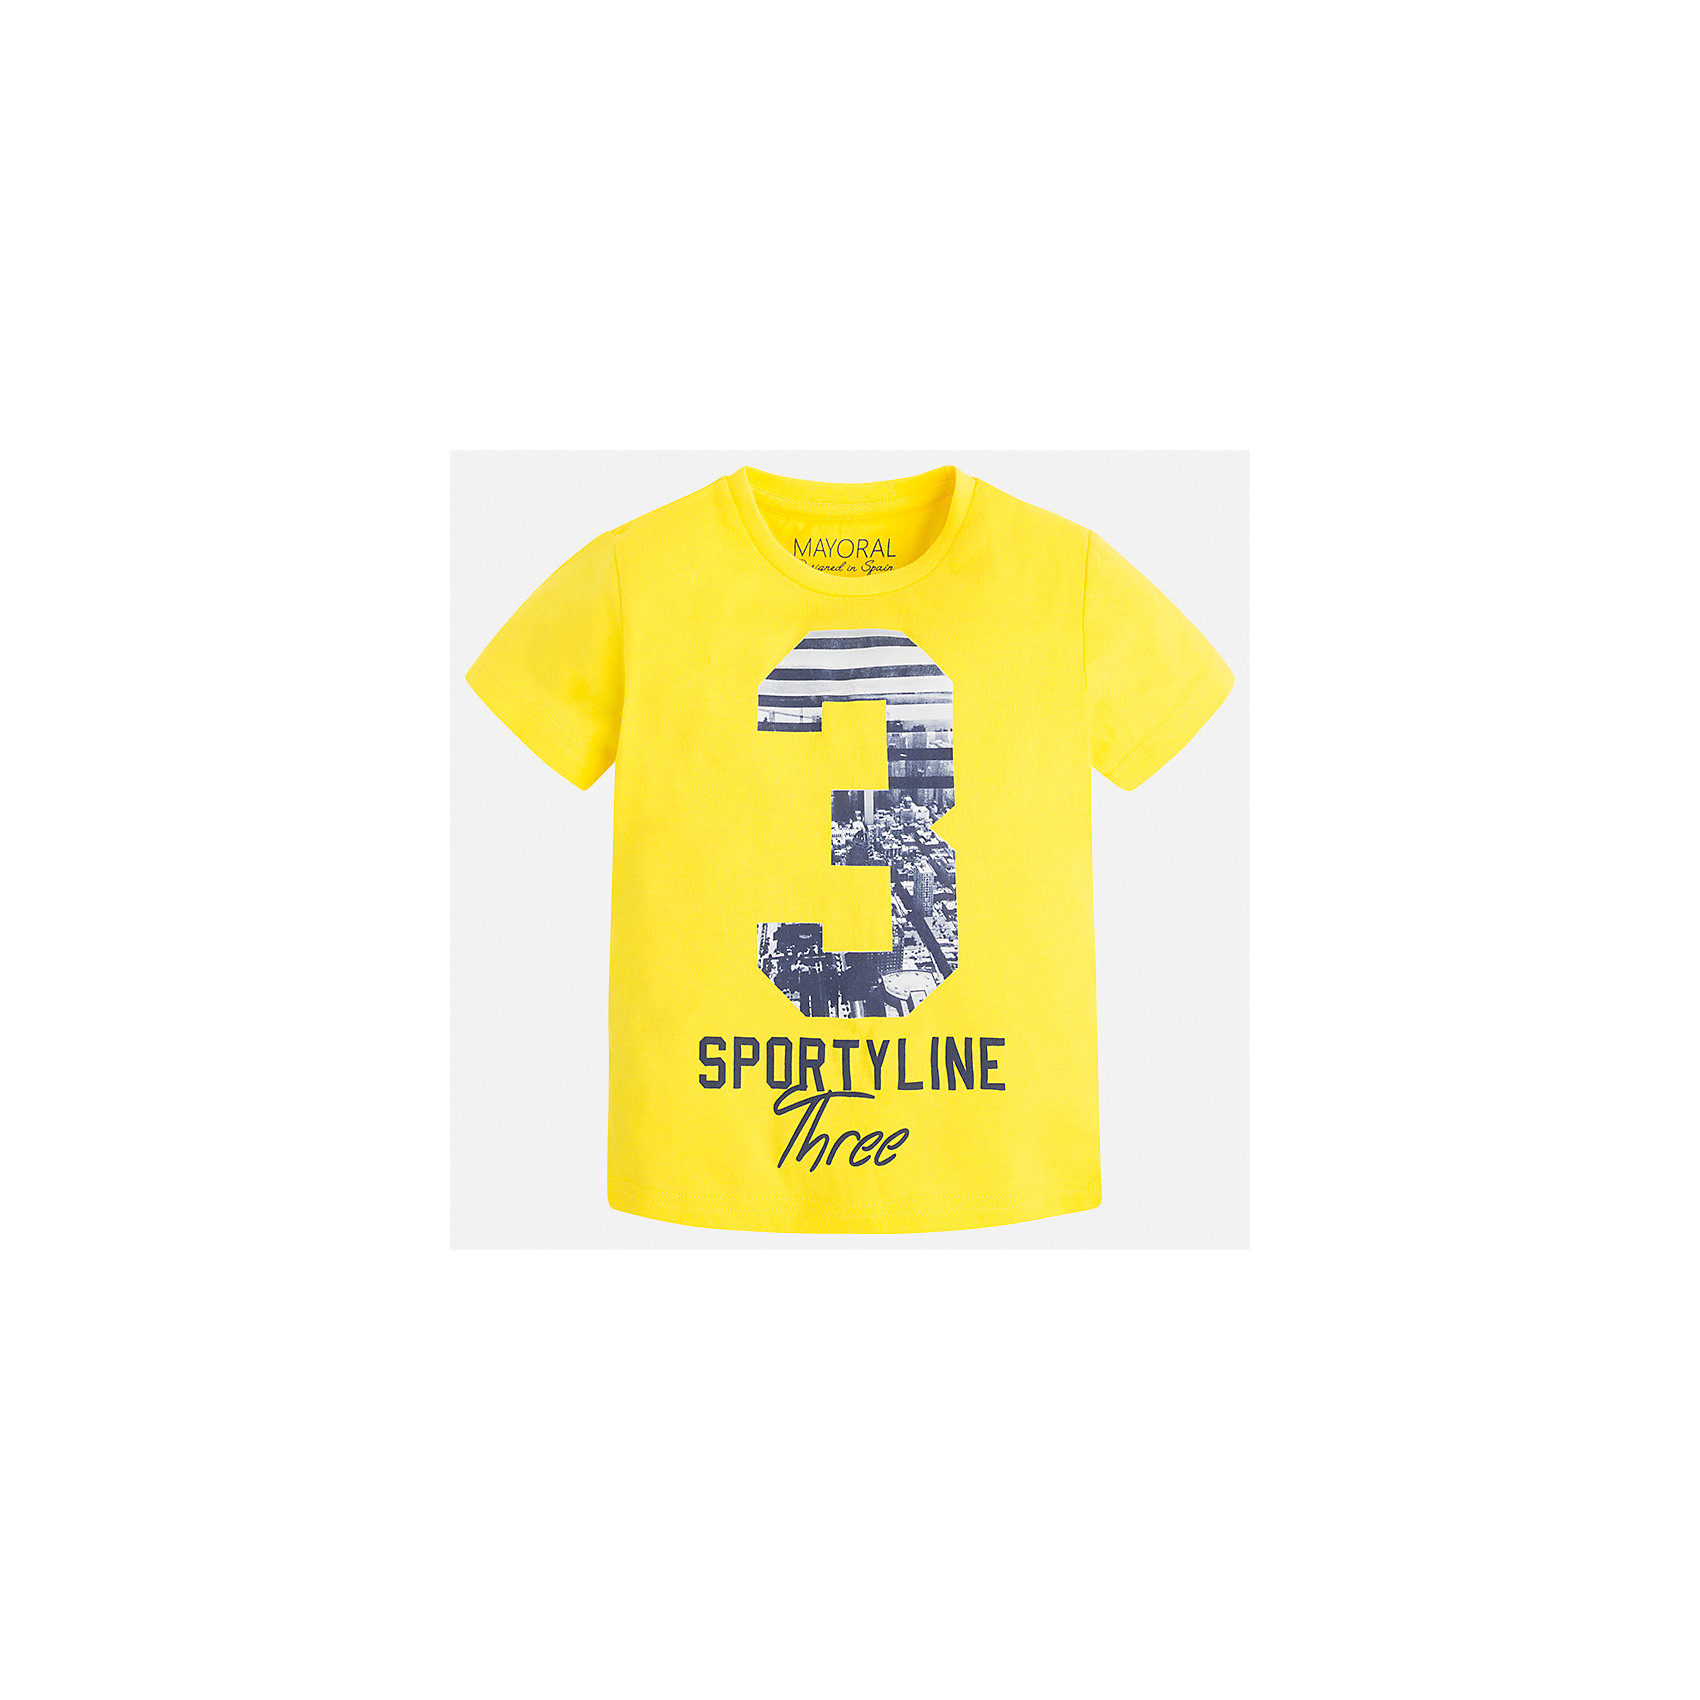 Футболка для мальчика MayoralХарактеристики товара:<br><br>• цвет: желтый<br>• состав: 100% хлопок<br>• круглый горловой вырез<br>• декорирована принтом<br>• короткие рукава<br>• отделка горловины<br>• страна бренда: Испания<br><br>Удобная модная футболка с принтом поможет разнообразить гардероб мальчика. Она отлично сочетается с брюками, шортами, джинсами. Универсальный крой и цвет позволяет подобрать к вещи низ разных расцветок. Практичное и стильное изделие! Хорошо смотрится и комфортно сидит на детях. В составе материала - только натуральный хлопок, гипоаллергенный, приятный на ощупь, дышащий. <br><br>Одежда, обувь и аксессуары от испанского бренда Mayoral полюбились детям и взрослым по всему миру. Модели этой марки - стильные и удобные. Для их производства используются только безопасные, качественные материалы и фурнитура. Порадуйте ребенка модными и красивыми вещами от Mayoral! <br><br>Футболку для мальчика от испанского бренда Mayoral (Майорал) можно купить в нашем интернет-магазине.<br><br>Ширина мм: 199<br>Глубина мм: 10<br>Высота мм: 161<br>Вес г: 151<br>Цвет: желтый<br>Возраст от месяцев: 84<br>Возраст до месяцев: 96<br>Пол: Мужской<br>Возраст: Детский<br>Размер: 128,122,116,110,104,98,92,134<br>SKU: 5280192